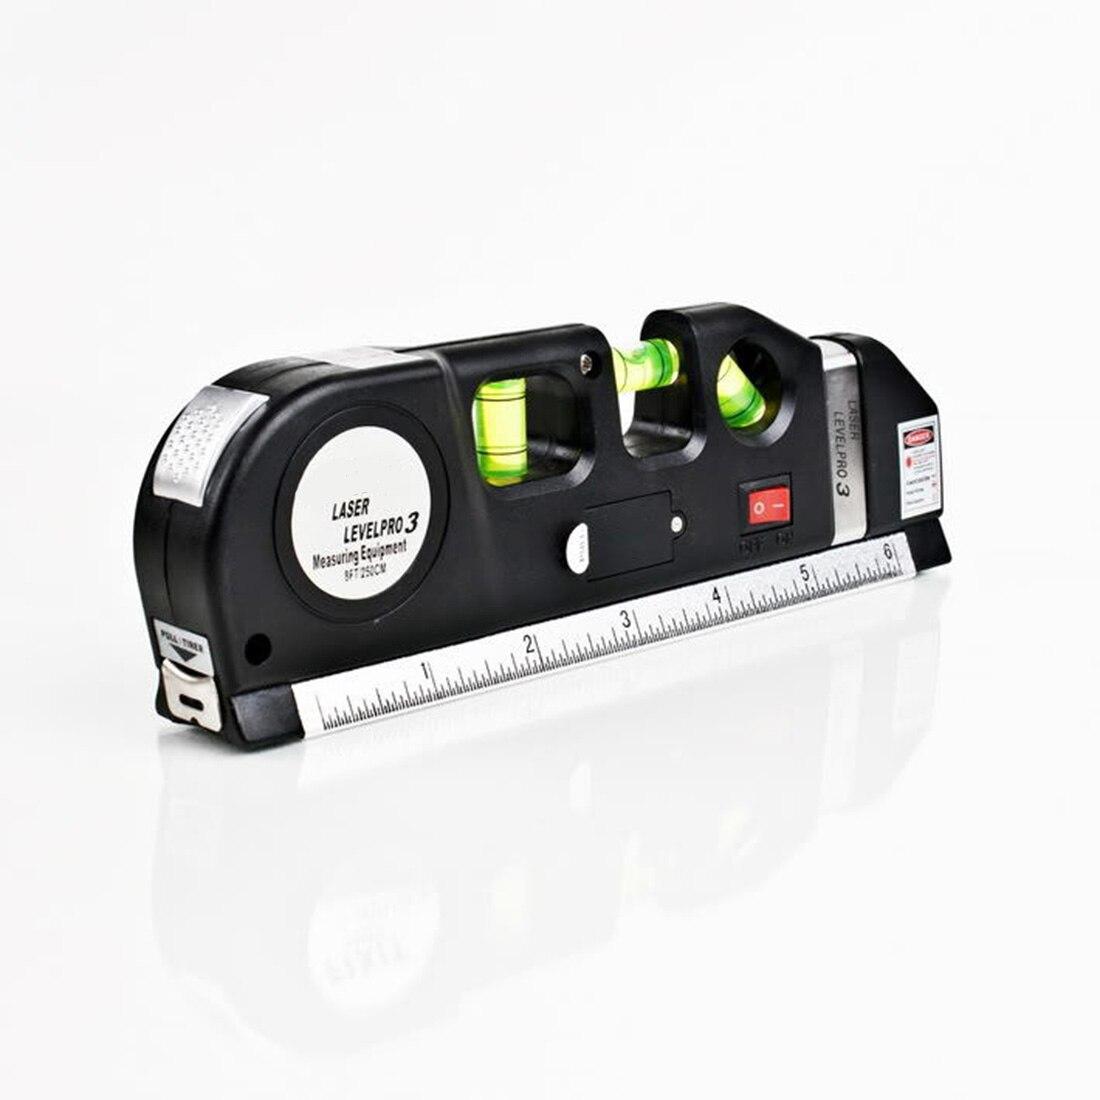 Multipurpose nivel láser horizonte Vertical cinta métrica 8FT alineador burbujas regla herramienta multipropósito medir nivel láser